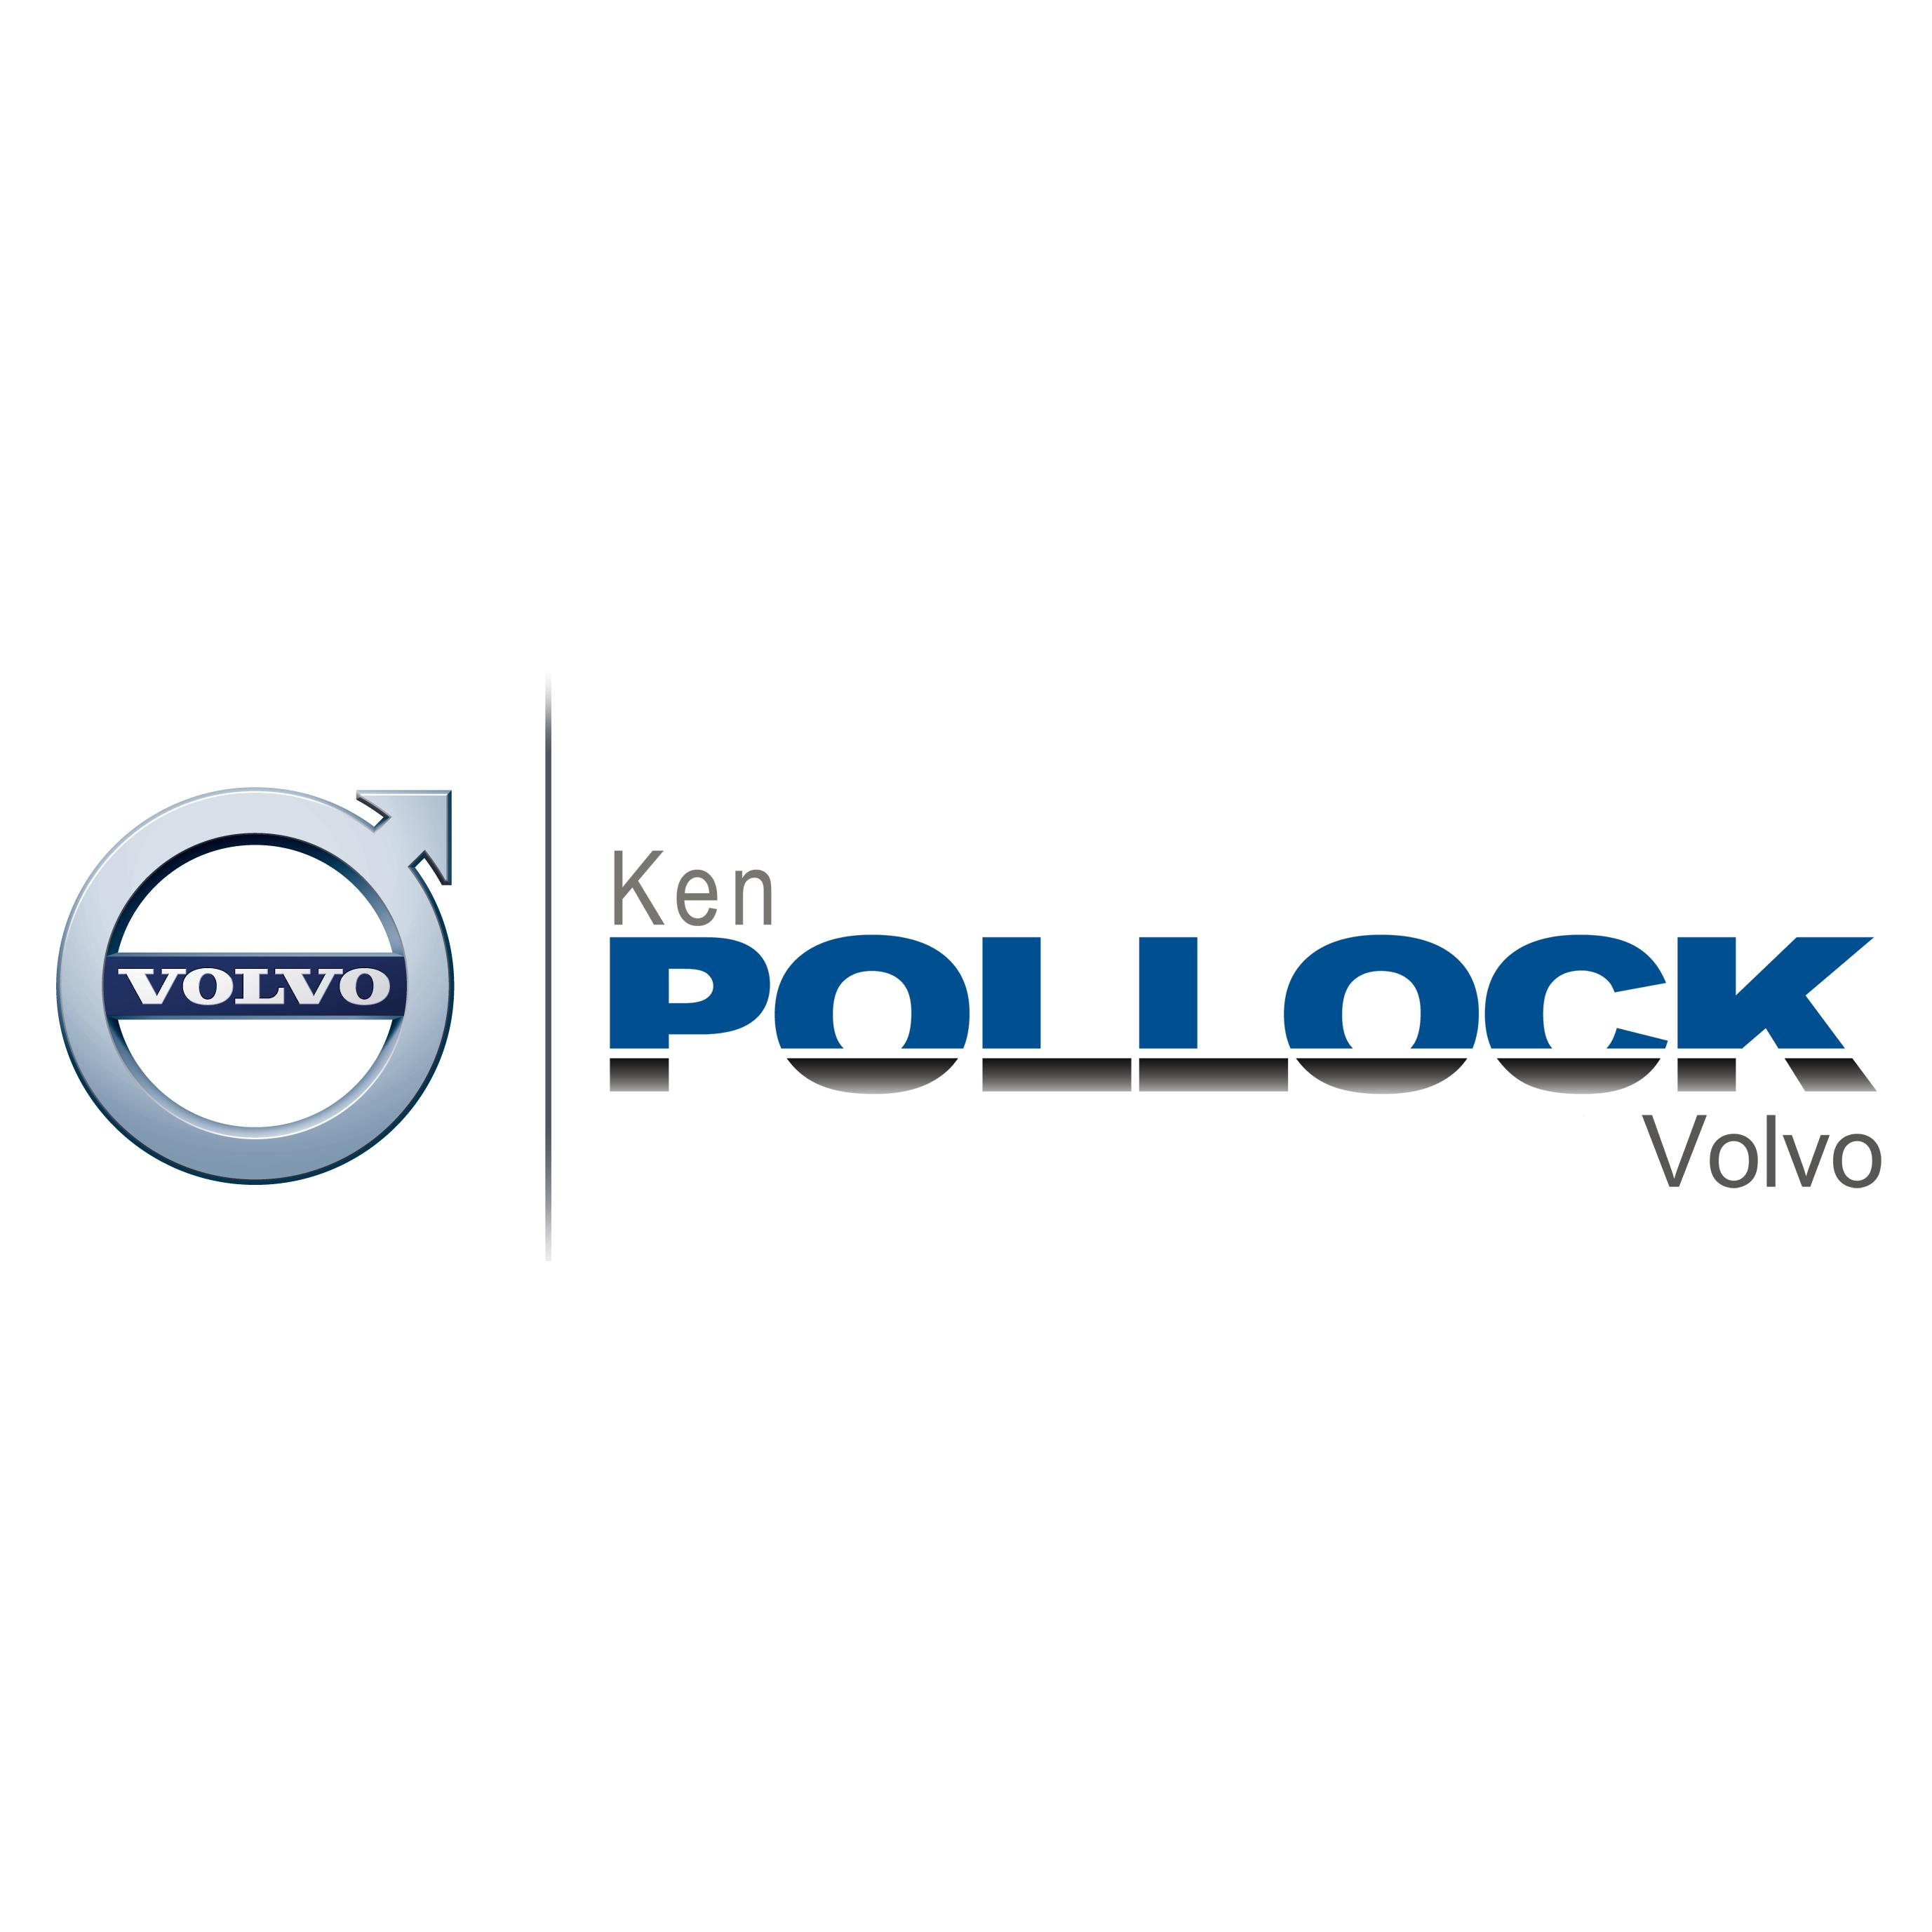 Ken Pollock Volvo - Pittston, PA - Auto Dealers